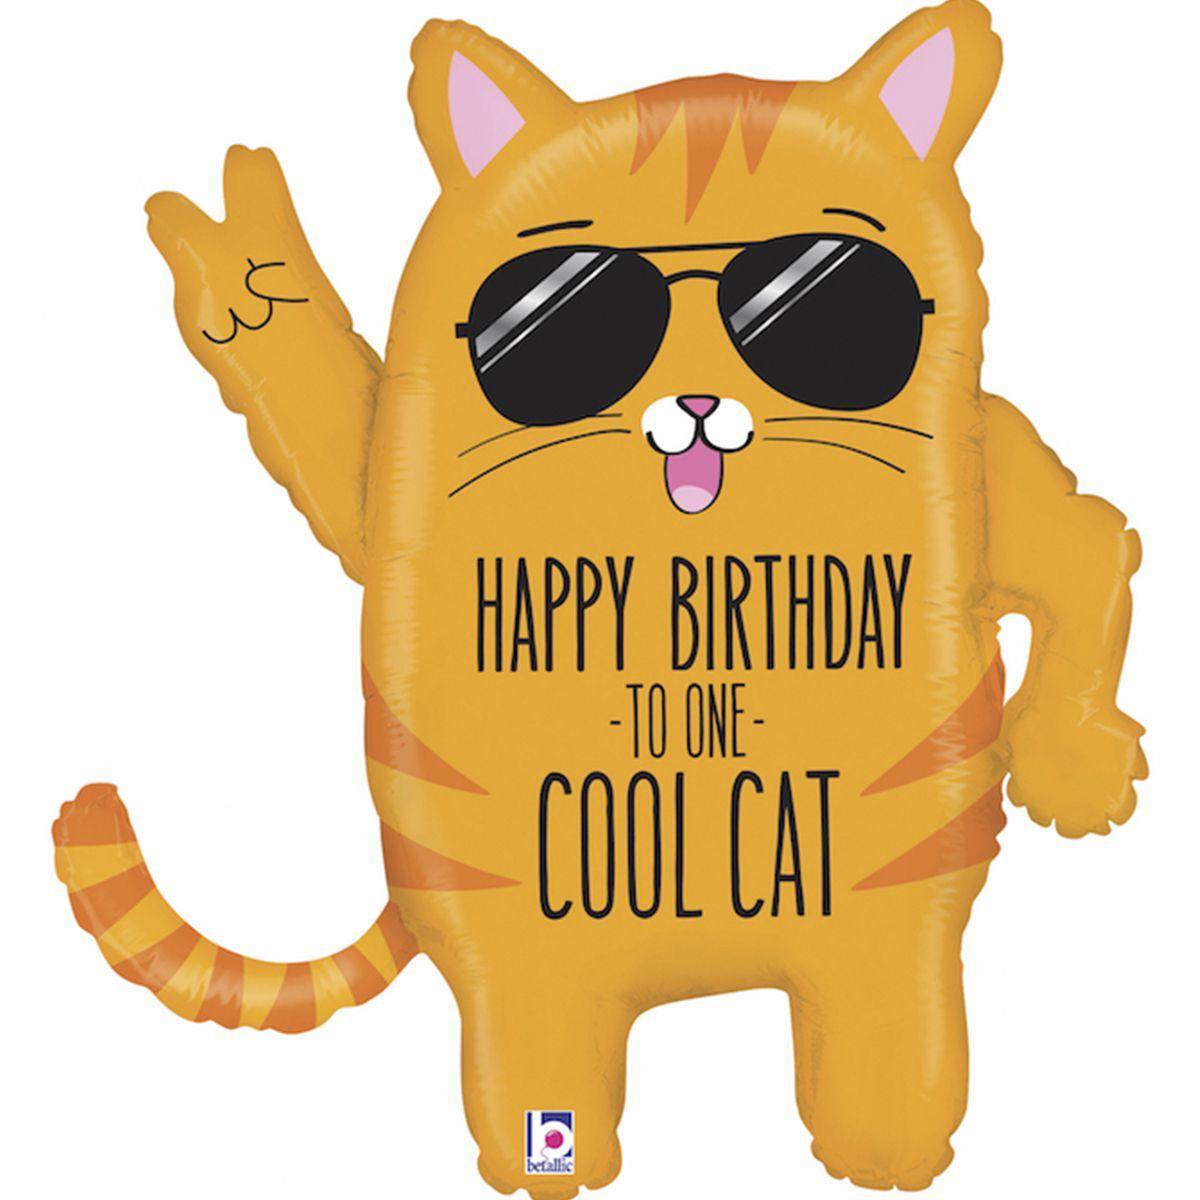 """G 33"""" Фигура Кот. Фольгированный шар кот С днем рождения крутому коту"""